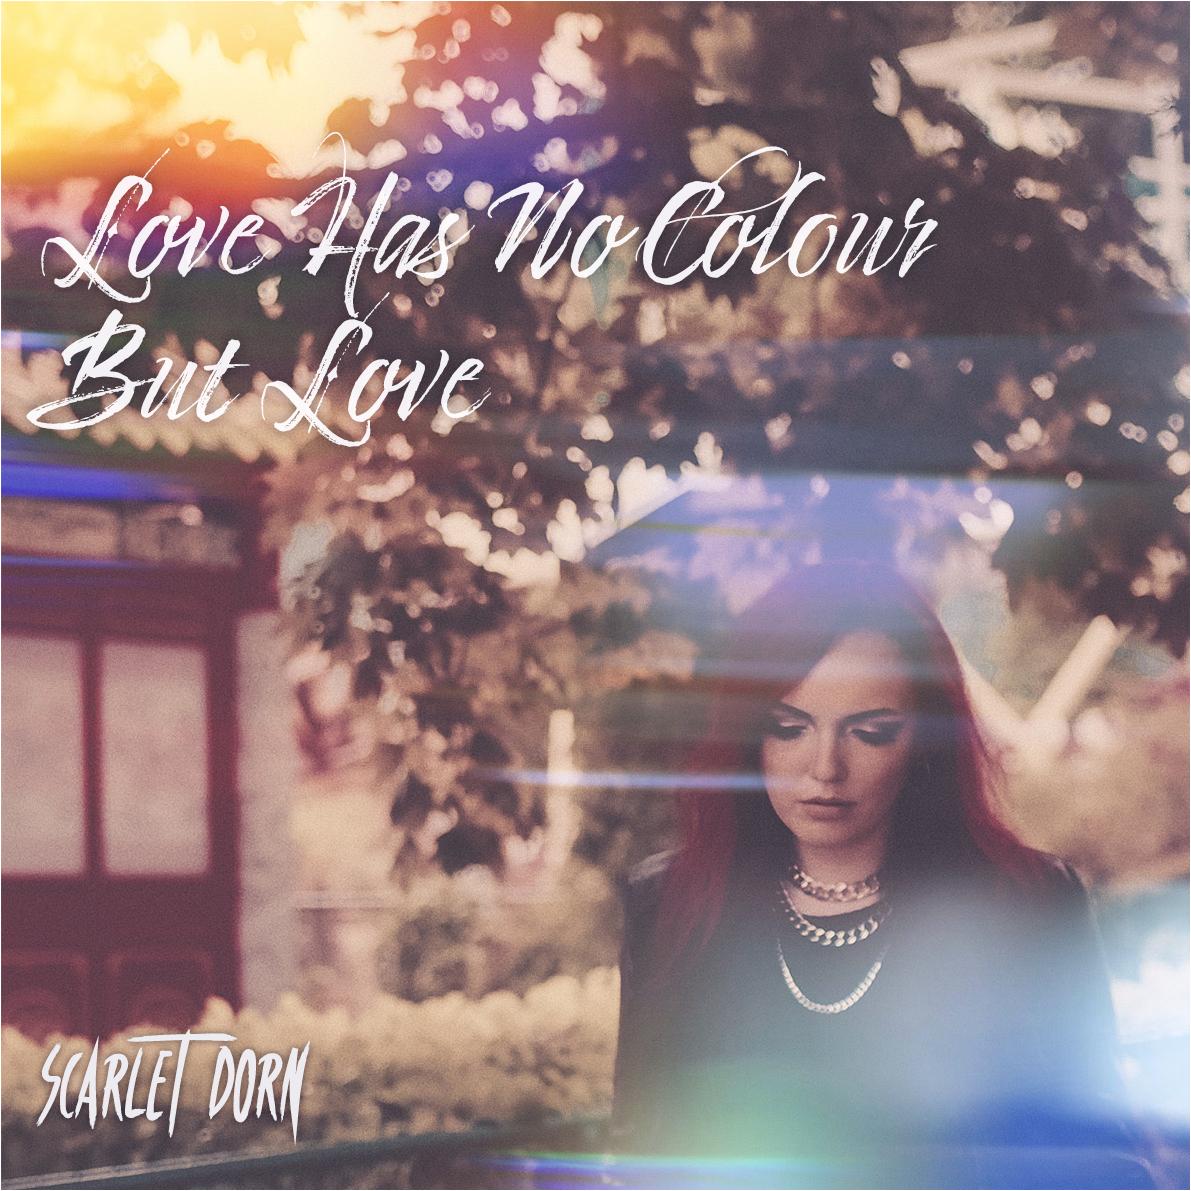 Scarlet Dorn Love has no colour but love